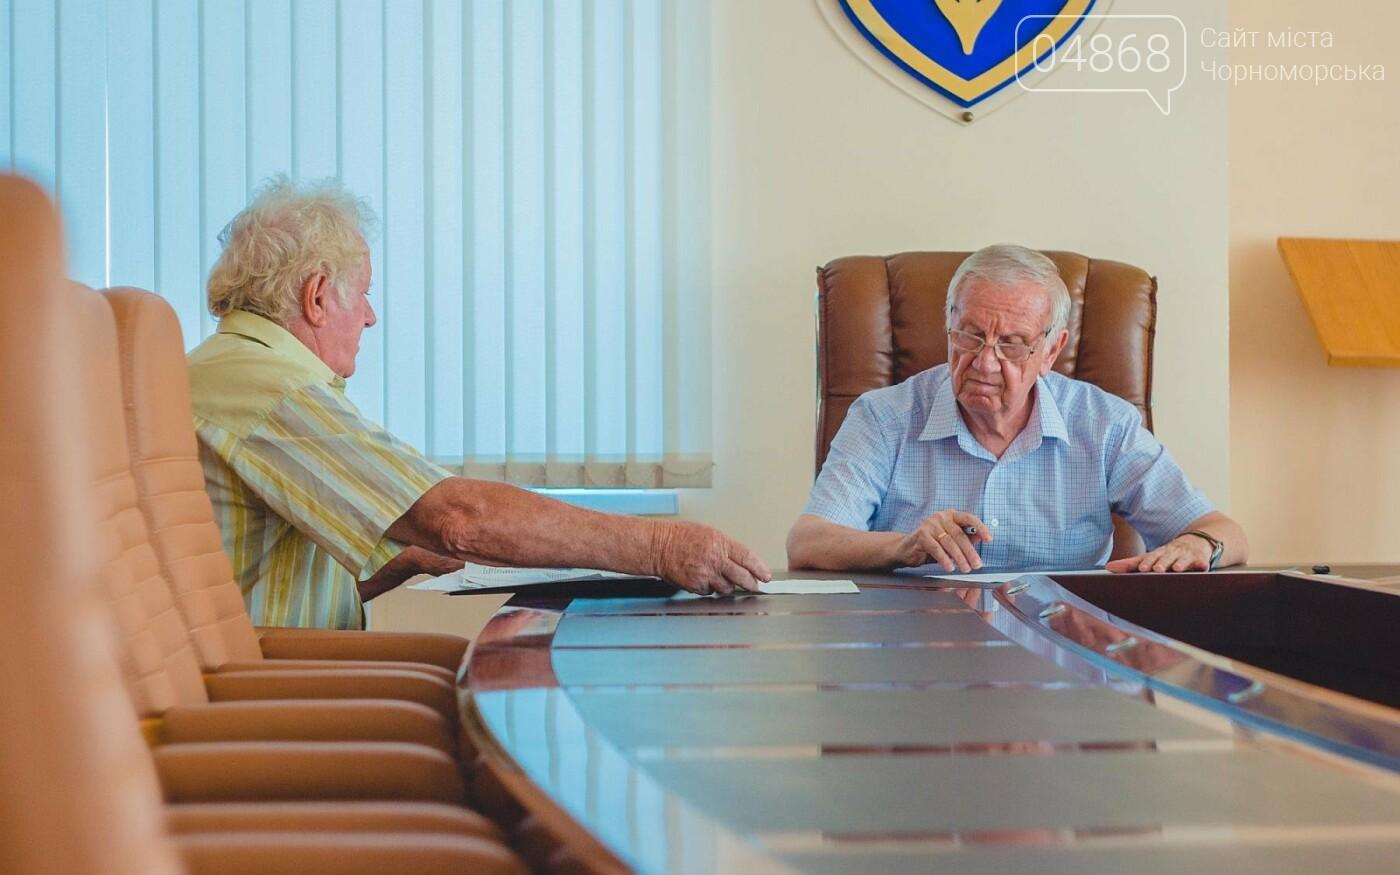 Мэр Черноморска провел личный приём граждан, фото-4